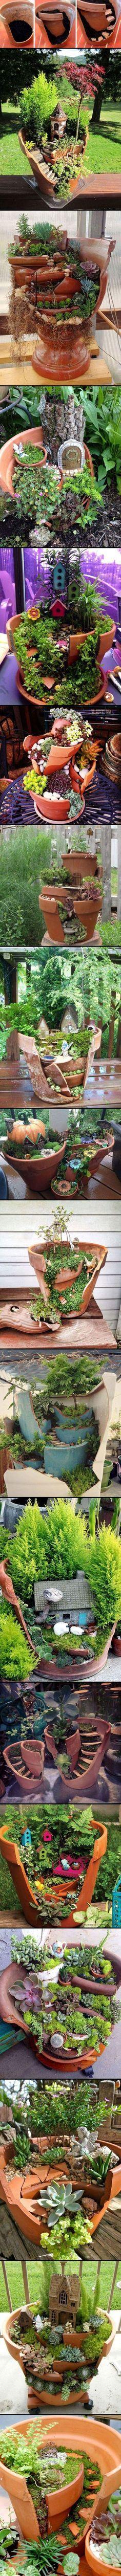 Diese Deko ist einfach wunderschön. Man kann echte Hobbit-Landschaften erschaffen oder kleine Gärten für Feen.: